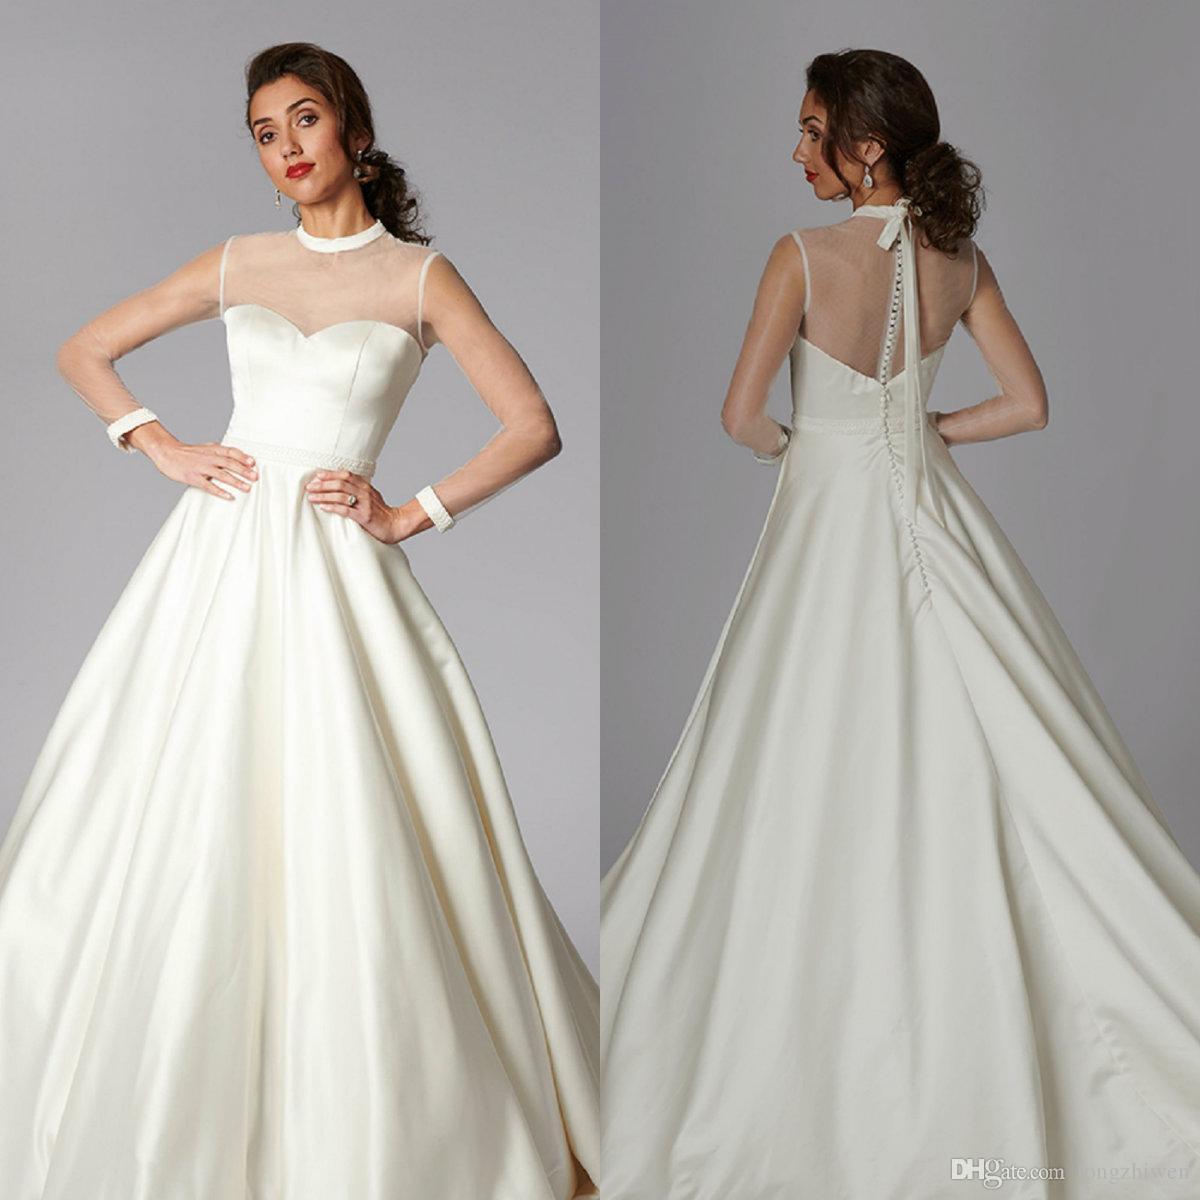 Cubierto de espalda de una línea Vestidos de novia Sheer Cuello de manga larga satinado MÁS Tamaño Vestido de novia Tren de barrido Robes de Mariée